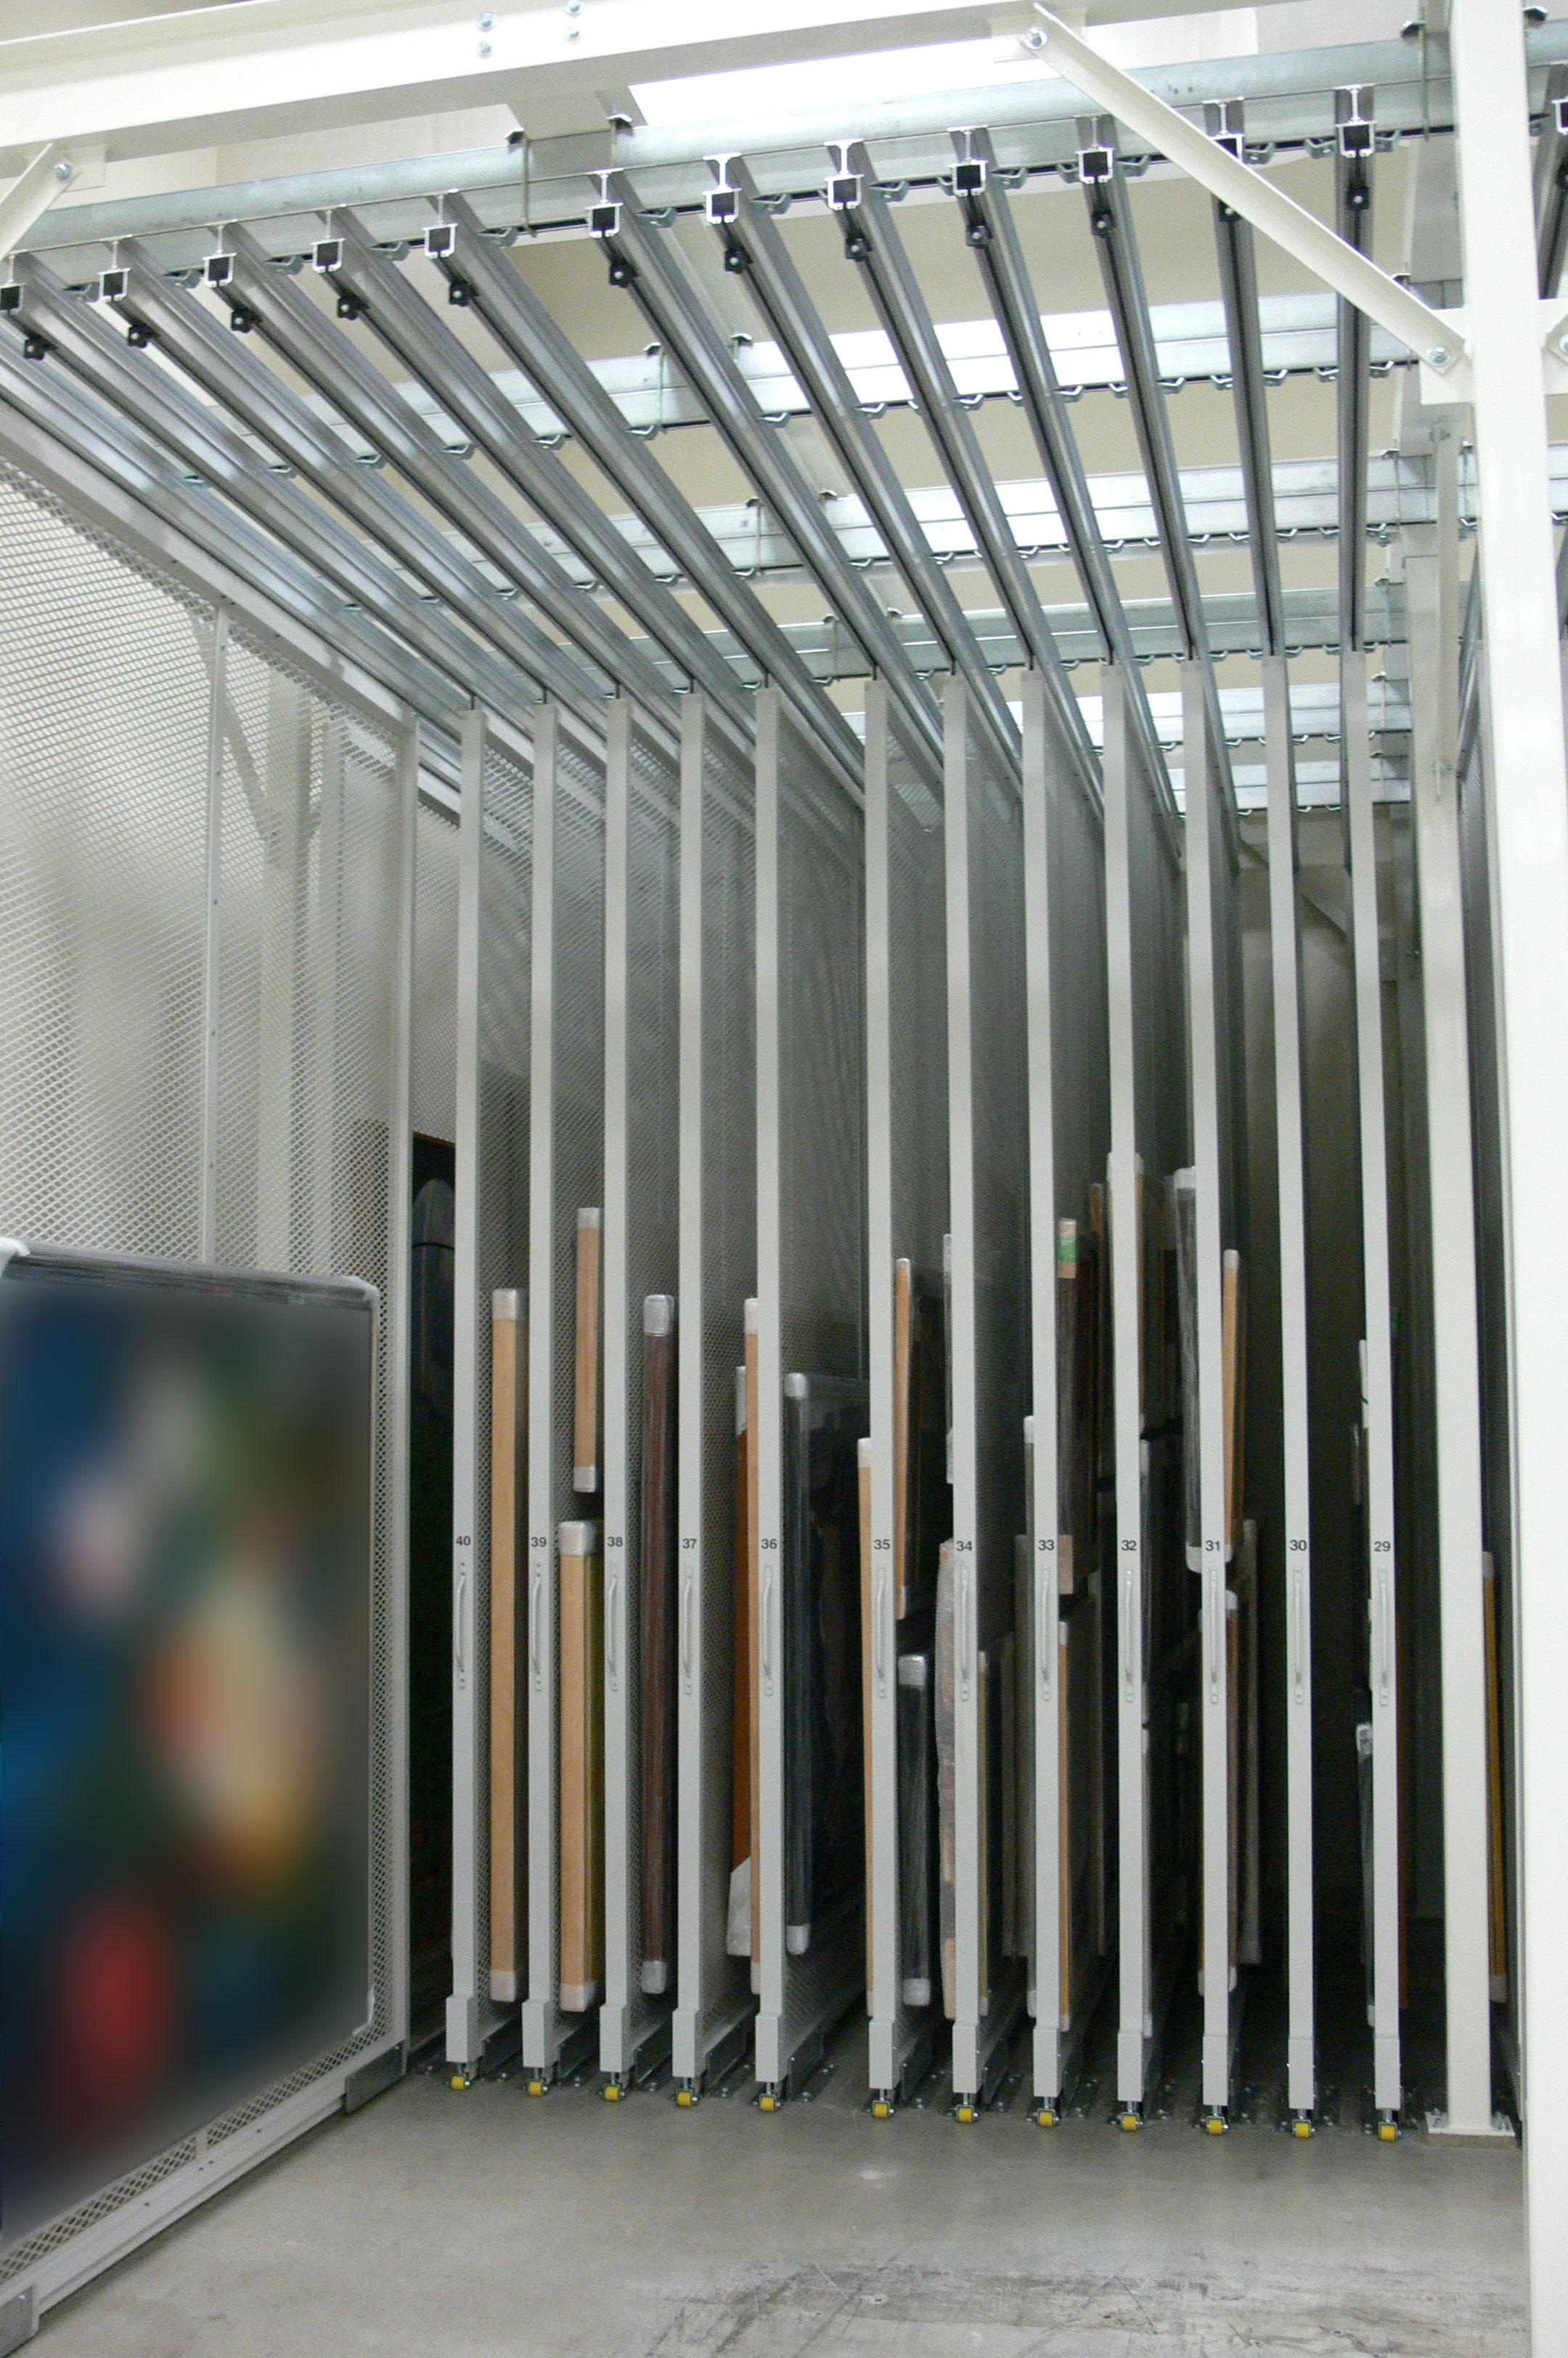 Organized Mobile Art Rack System